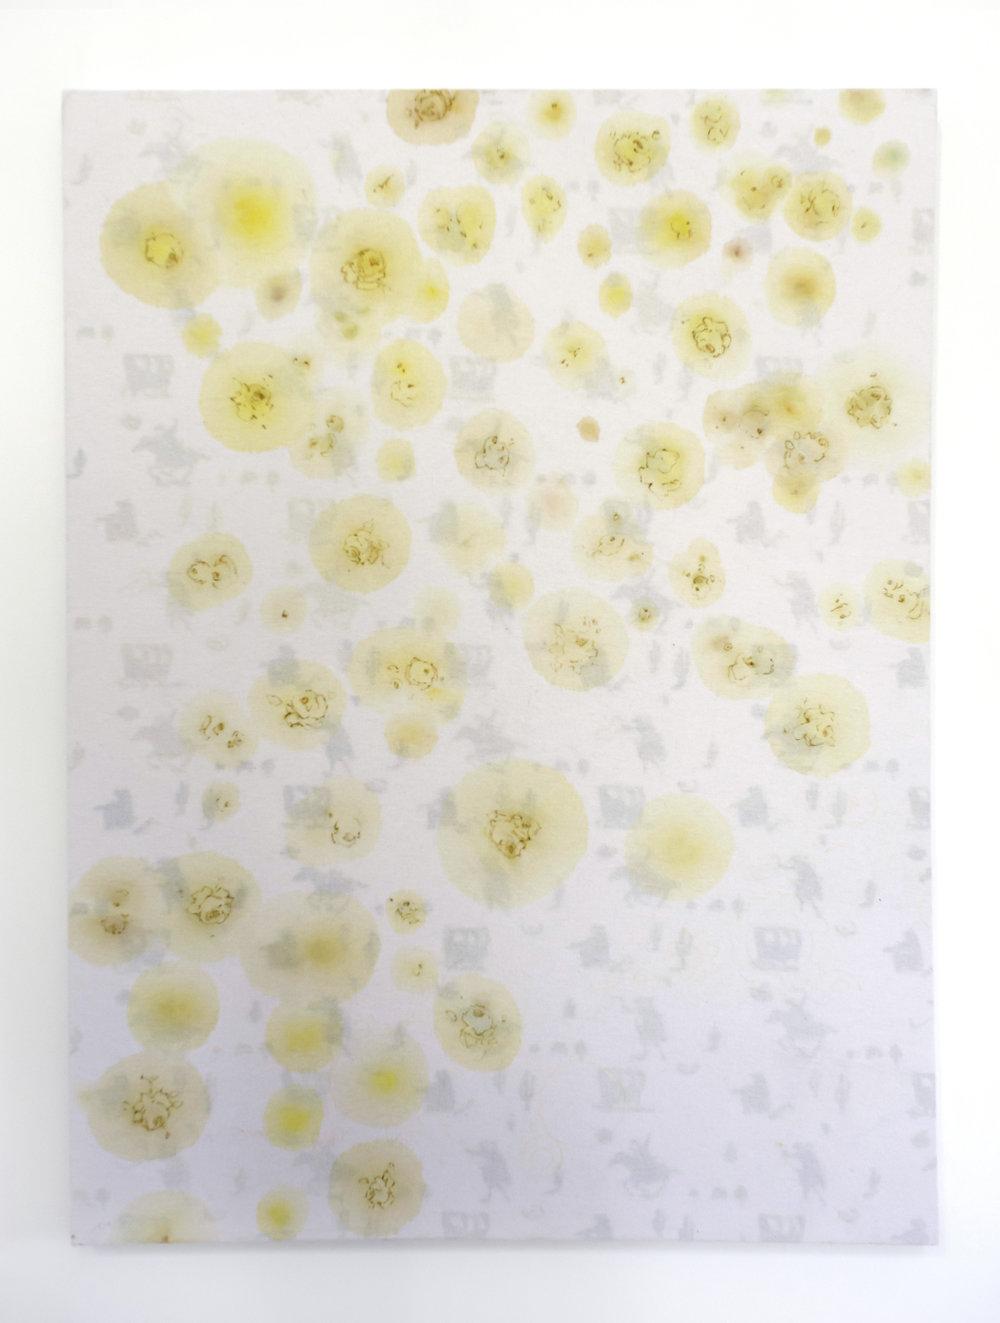 Broken Bed  (2014), acrylic on canvas, 122 x 165 cm